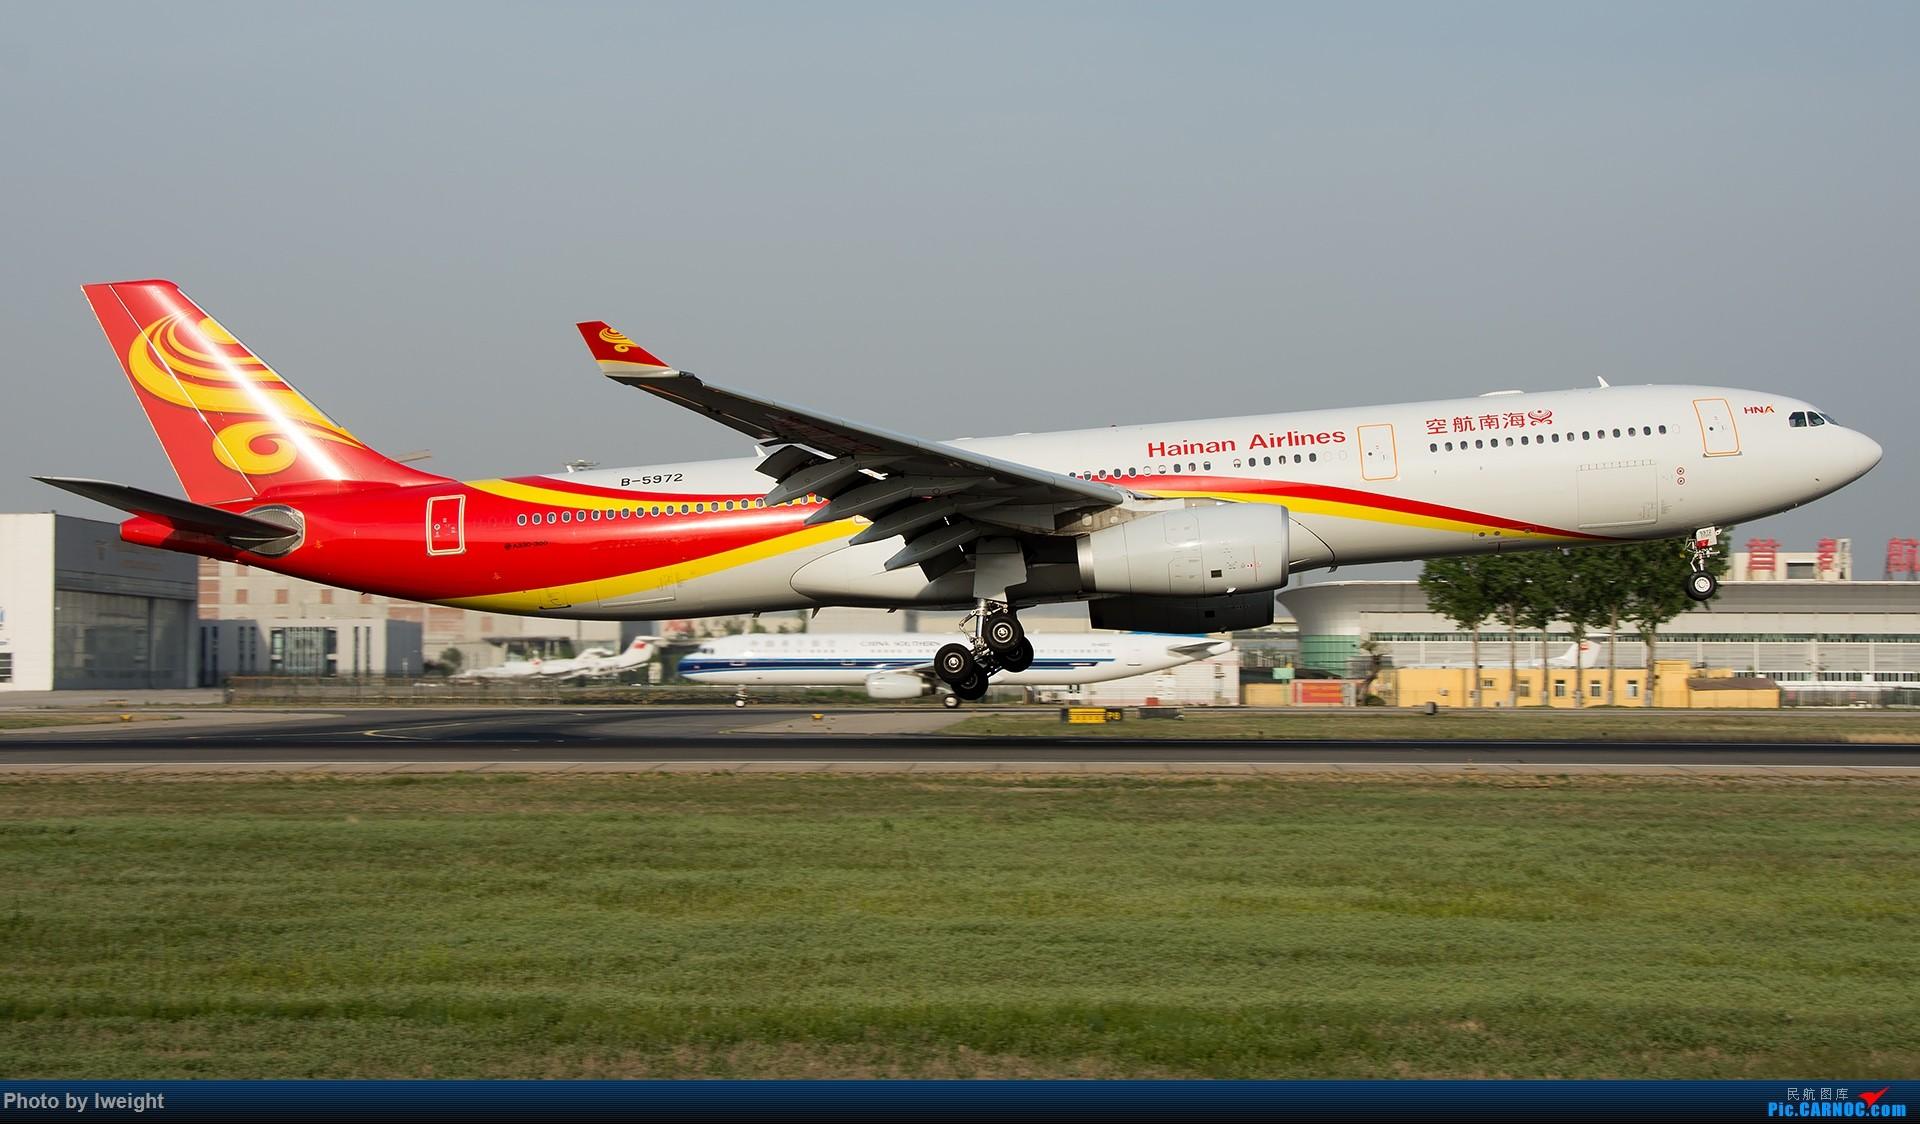 Re:[原创]天气晴朗,继续守候18R【多图】 AIRBUS A330-300 B-5972 中国北京首都国际机场